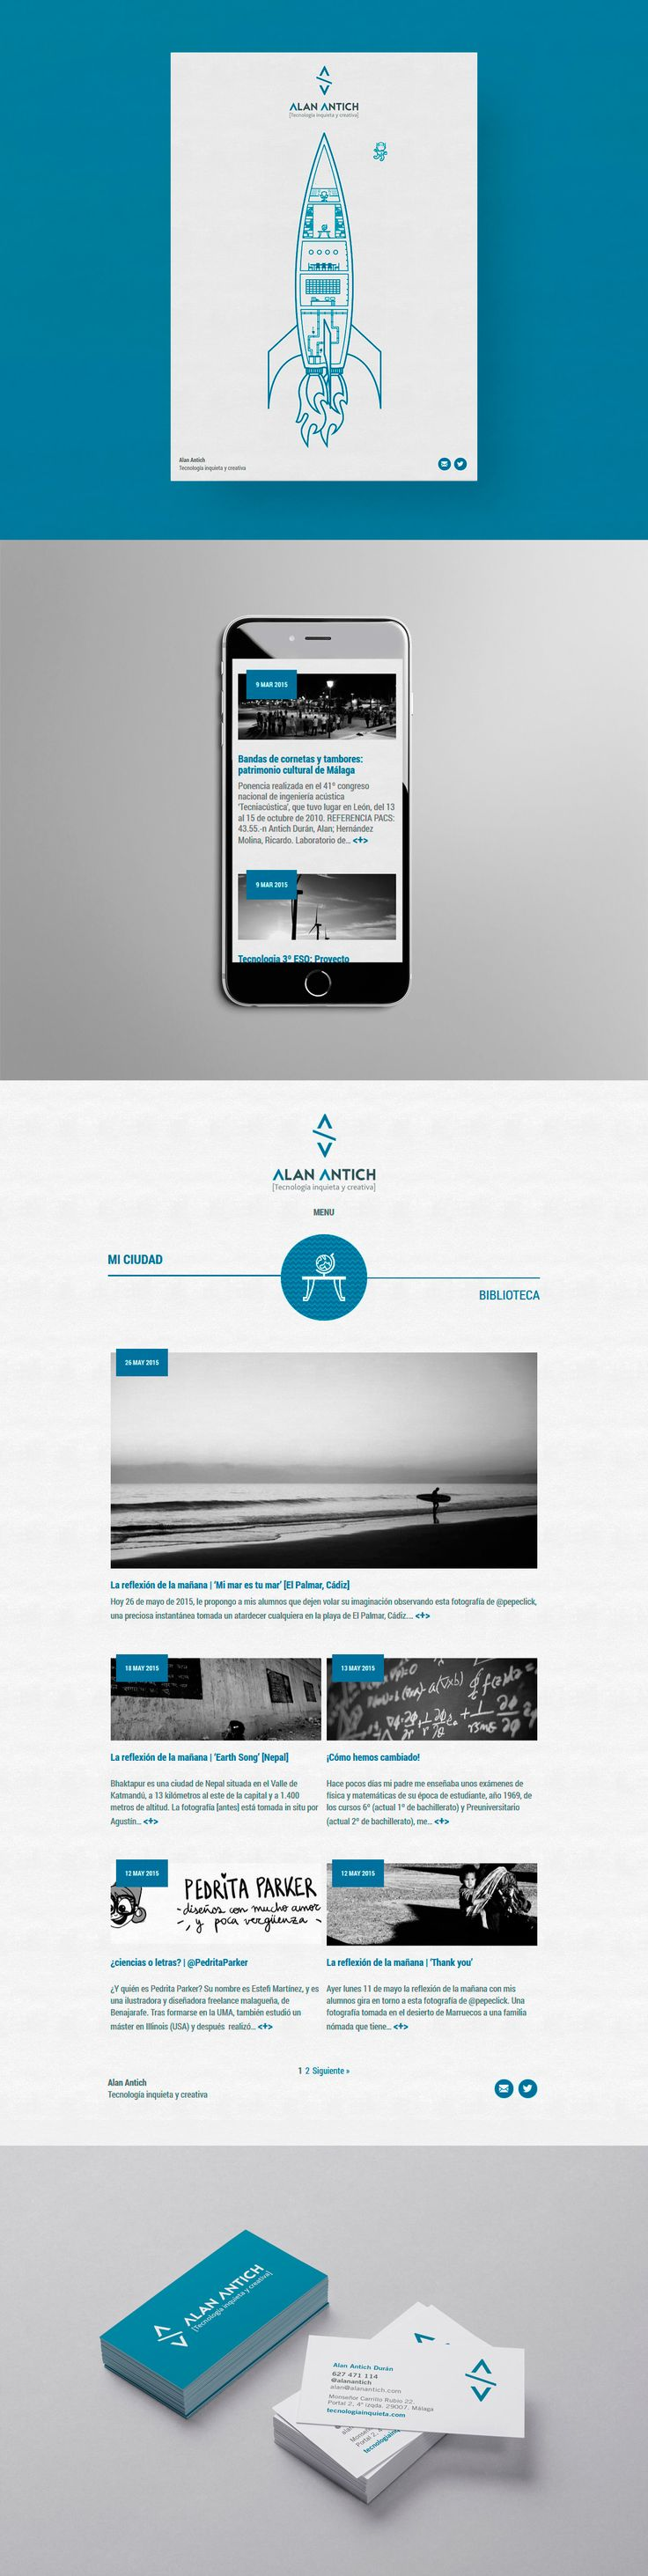 Alan Antich es un tipo inquieto al que le gusta hacer preguntas y encontrar respuestas. Ésta es la web y la imagen de marca que creamos para su proyecto.